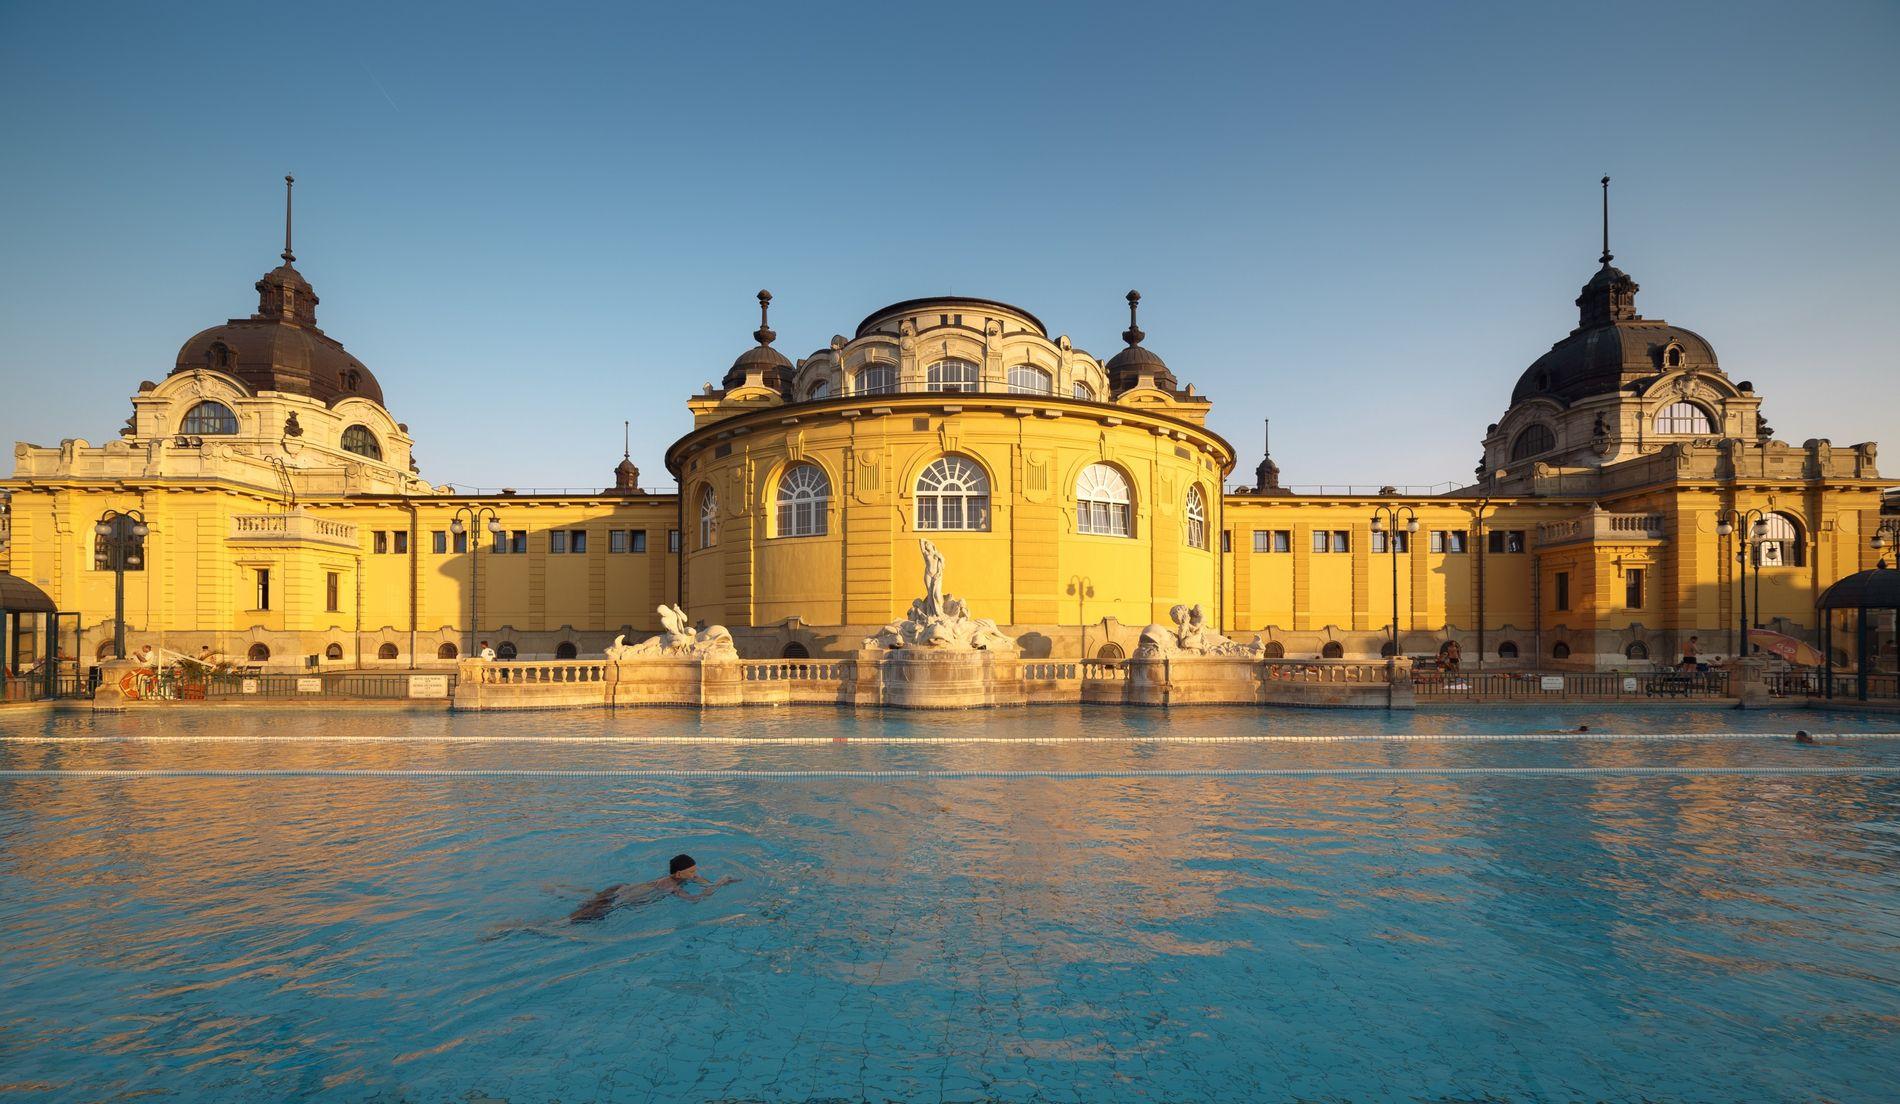 Das im neobarocken Stil errichtete Széchenyi-Heilbad befindet sich im Stadtpark von Budapest.